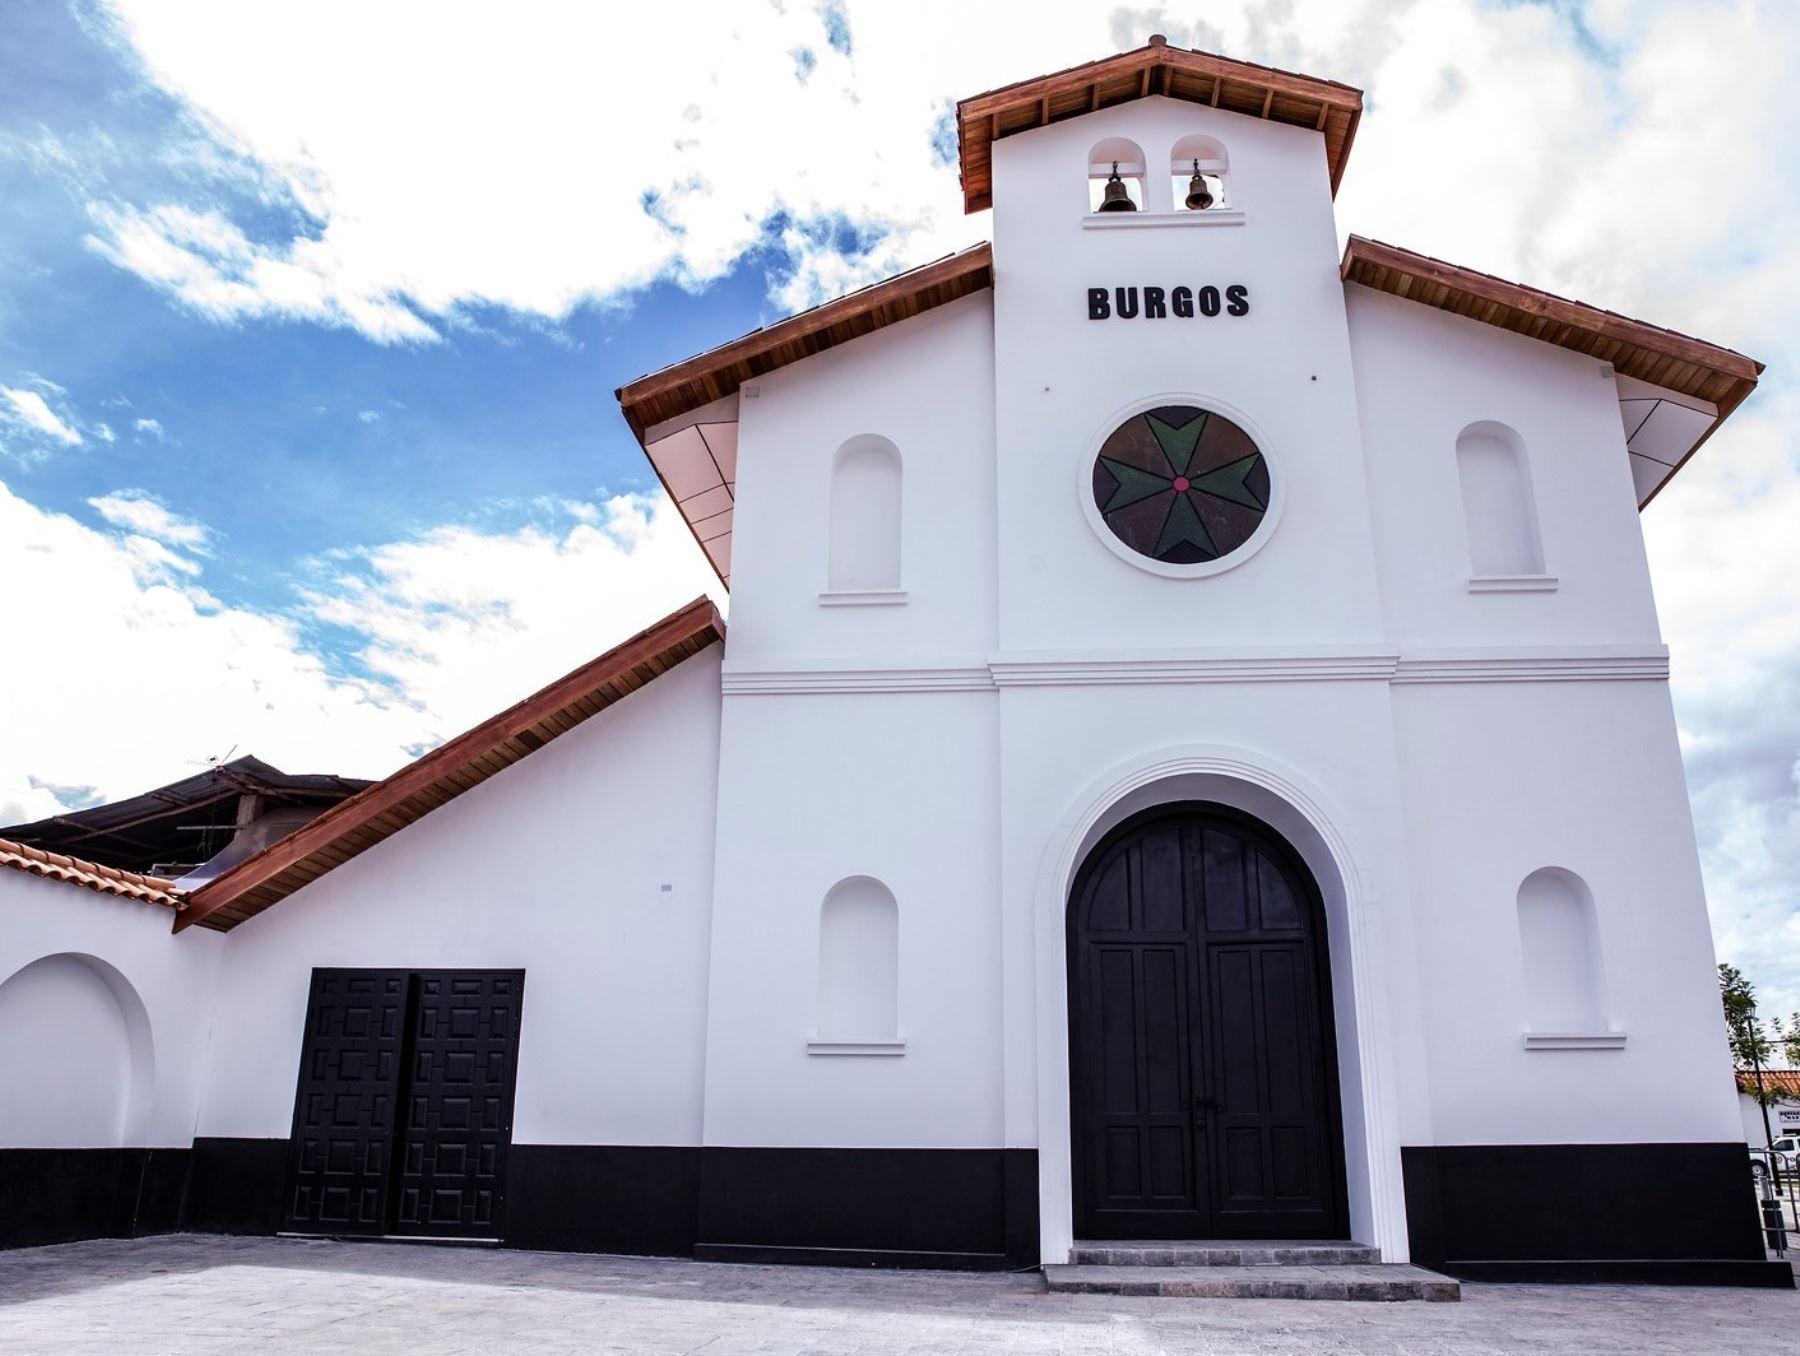 Amazonas celebra la entrega del remozado templo de Nuestro Señor de Burgos en Chachapoyas. El Plan Copesco concluyó los trabajos de remoción en esta histórica iglesia de origen colonial. Foto: ANDINA/difusión.